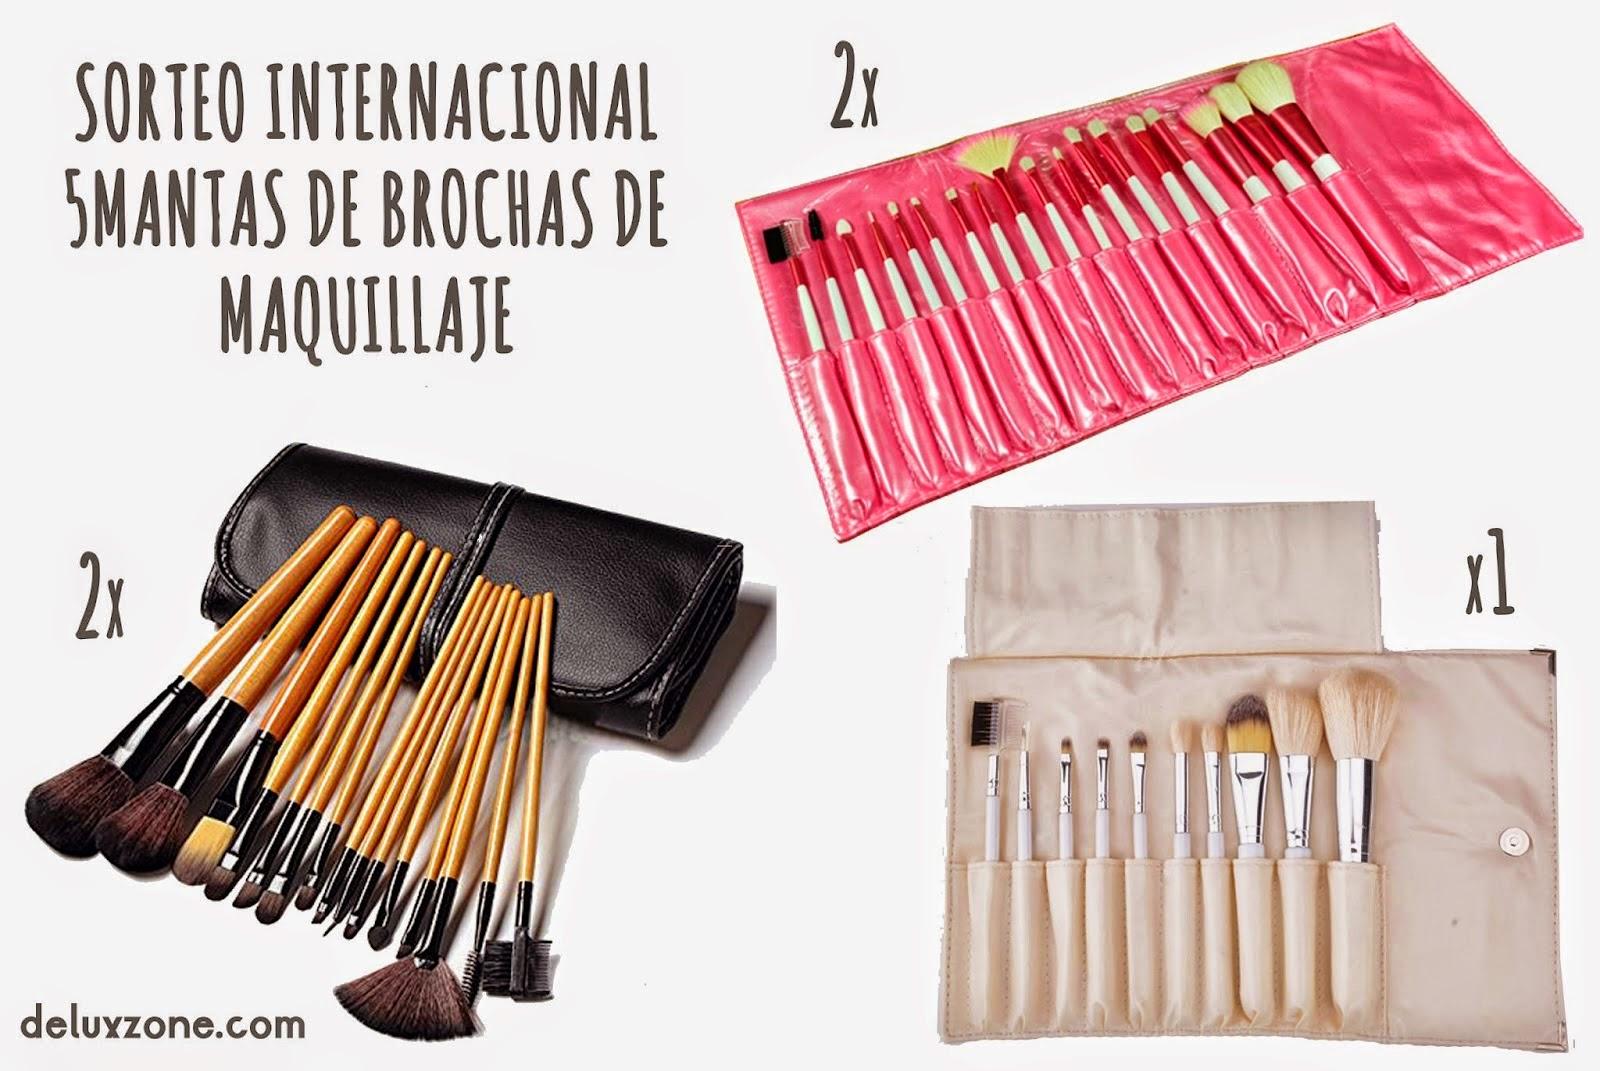 sorteo internacional 5 mantas brochas de maquillaje